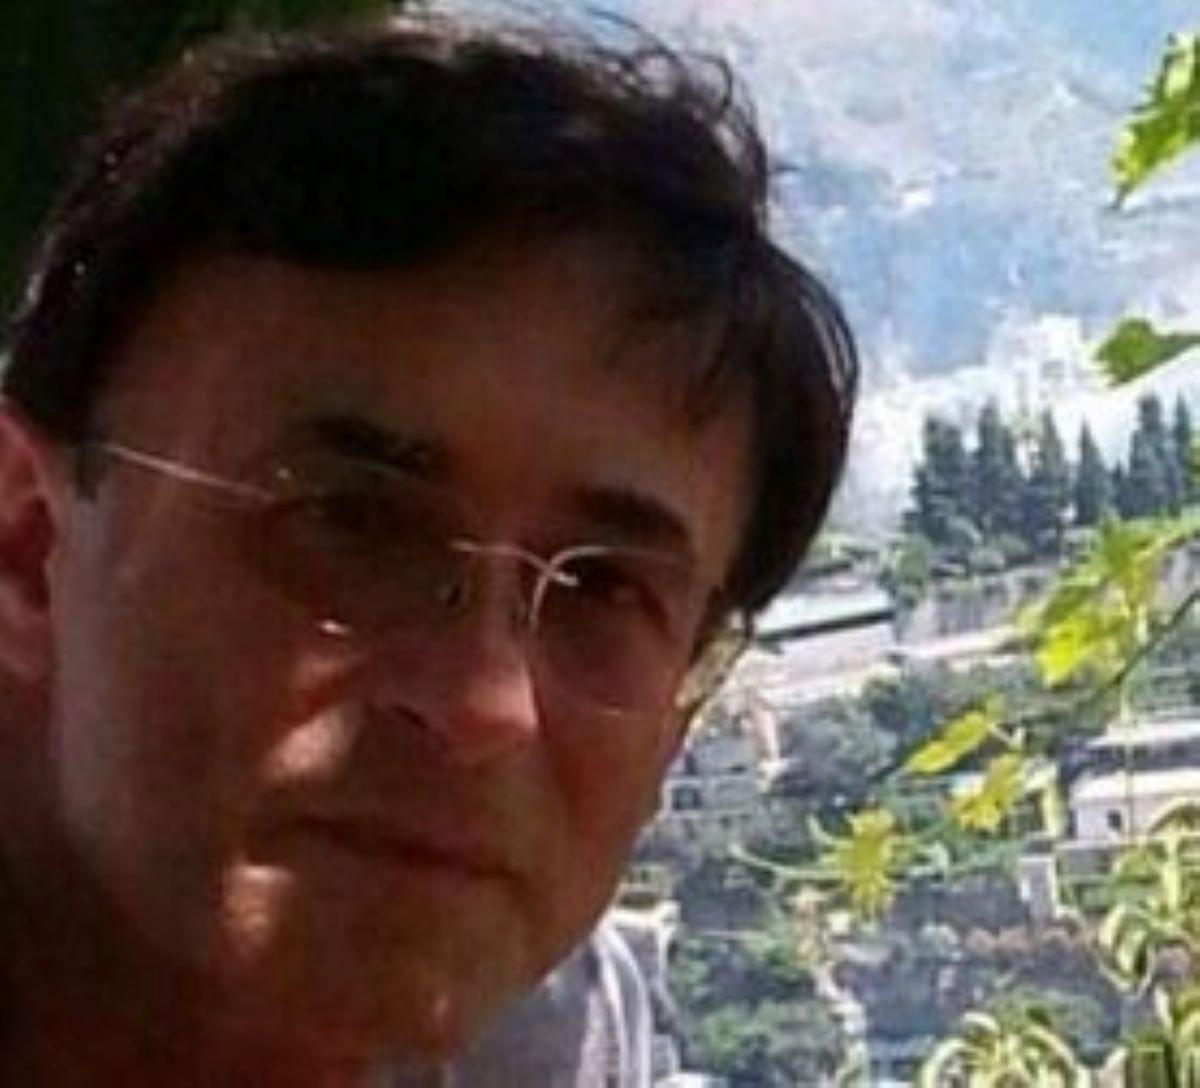 Paolo Brunelli Morto Annegato Dottore Borgo San Giacomo Brescia